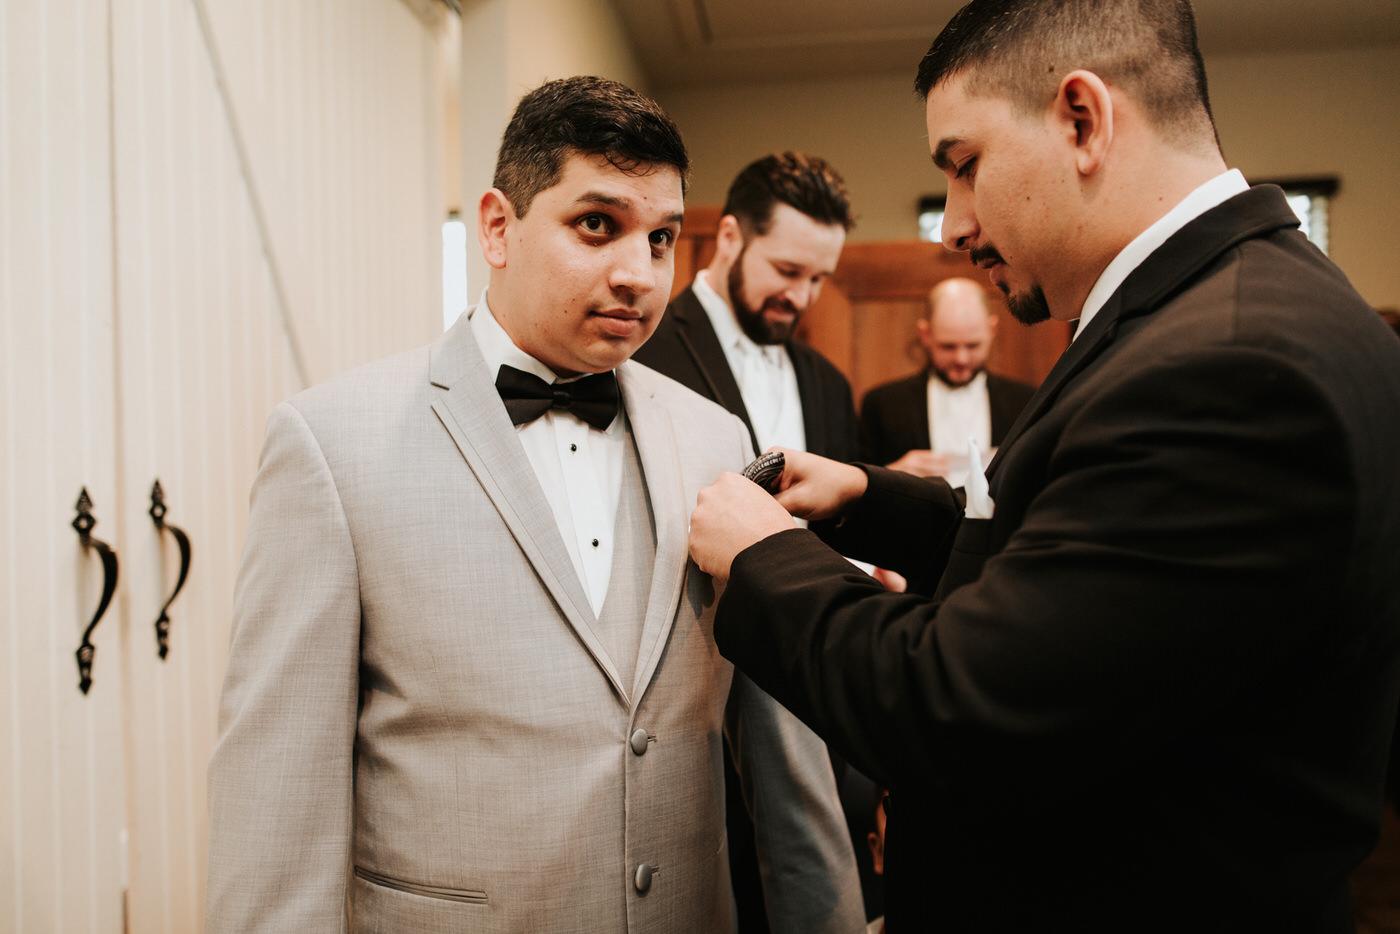 Groom getting ready at wedding